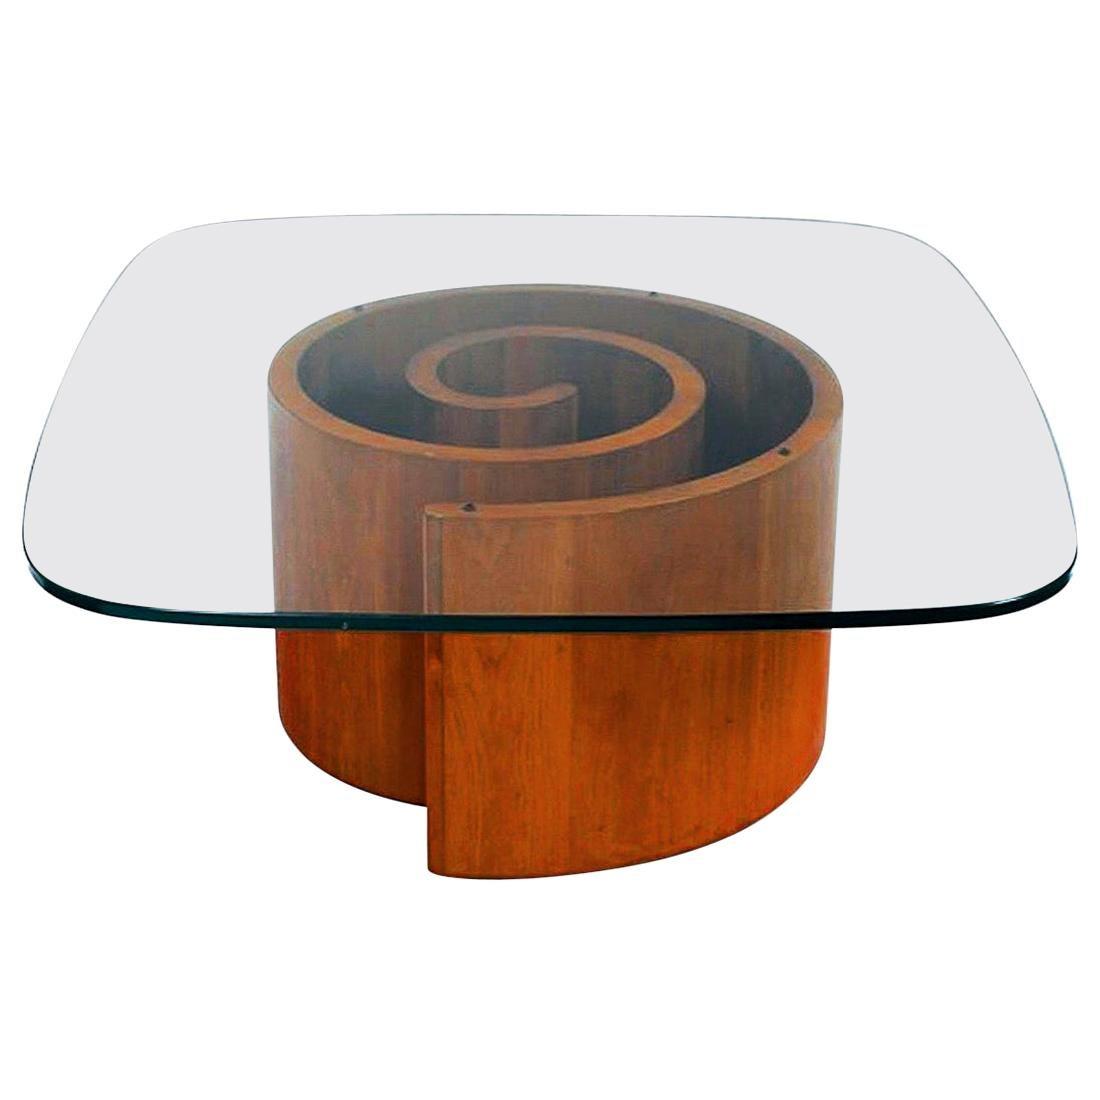 Vladimir Kagan Snail Coffee Table in Walnut